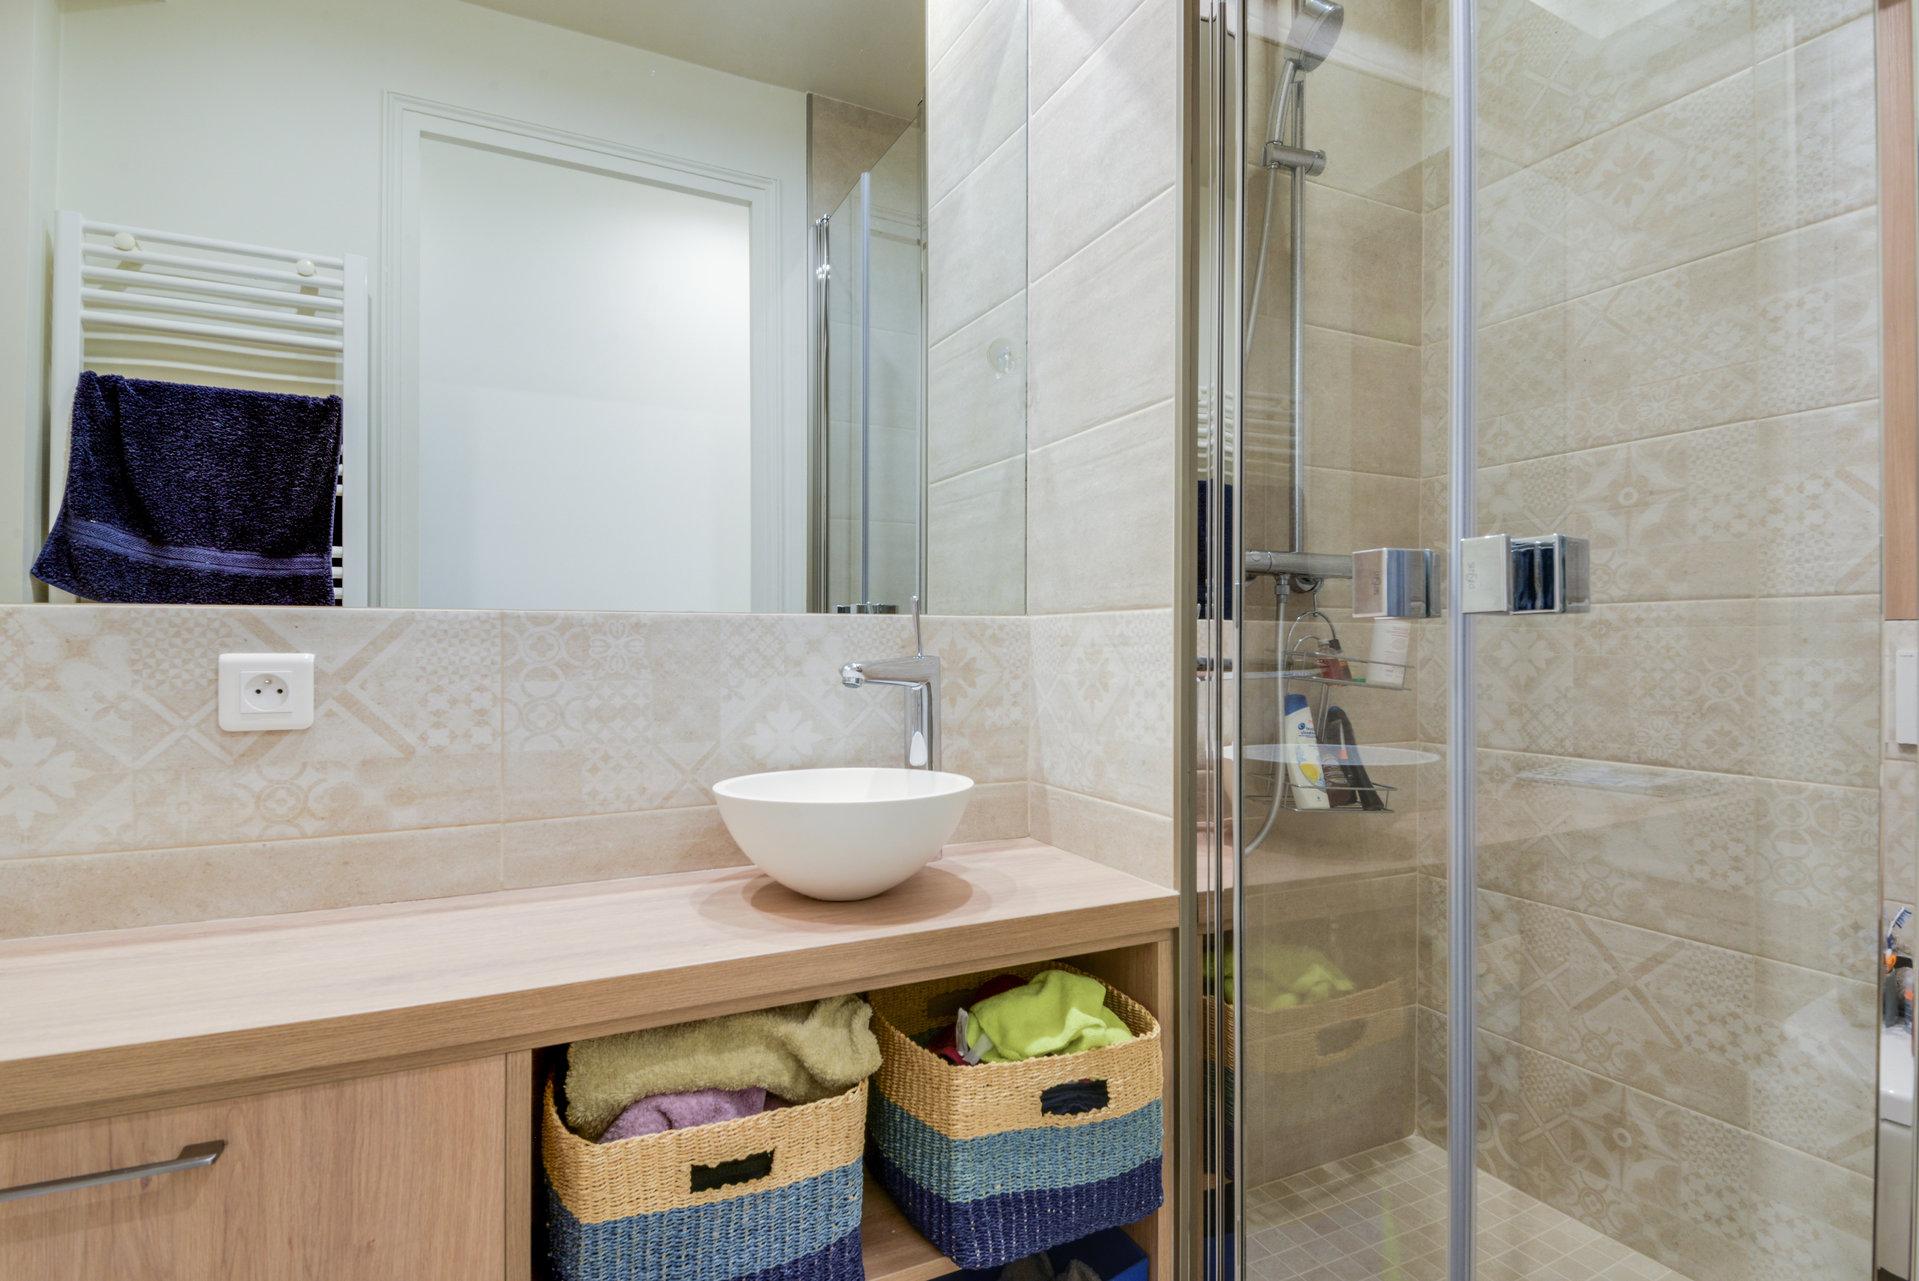 appartement-a-vendre-cave-cuisine-independante-decoration-contemporaine